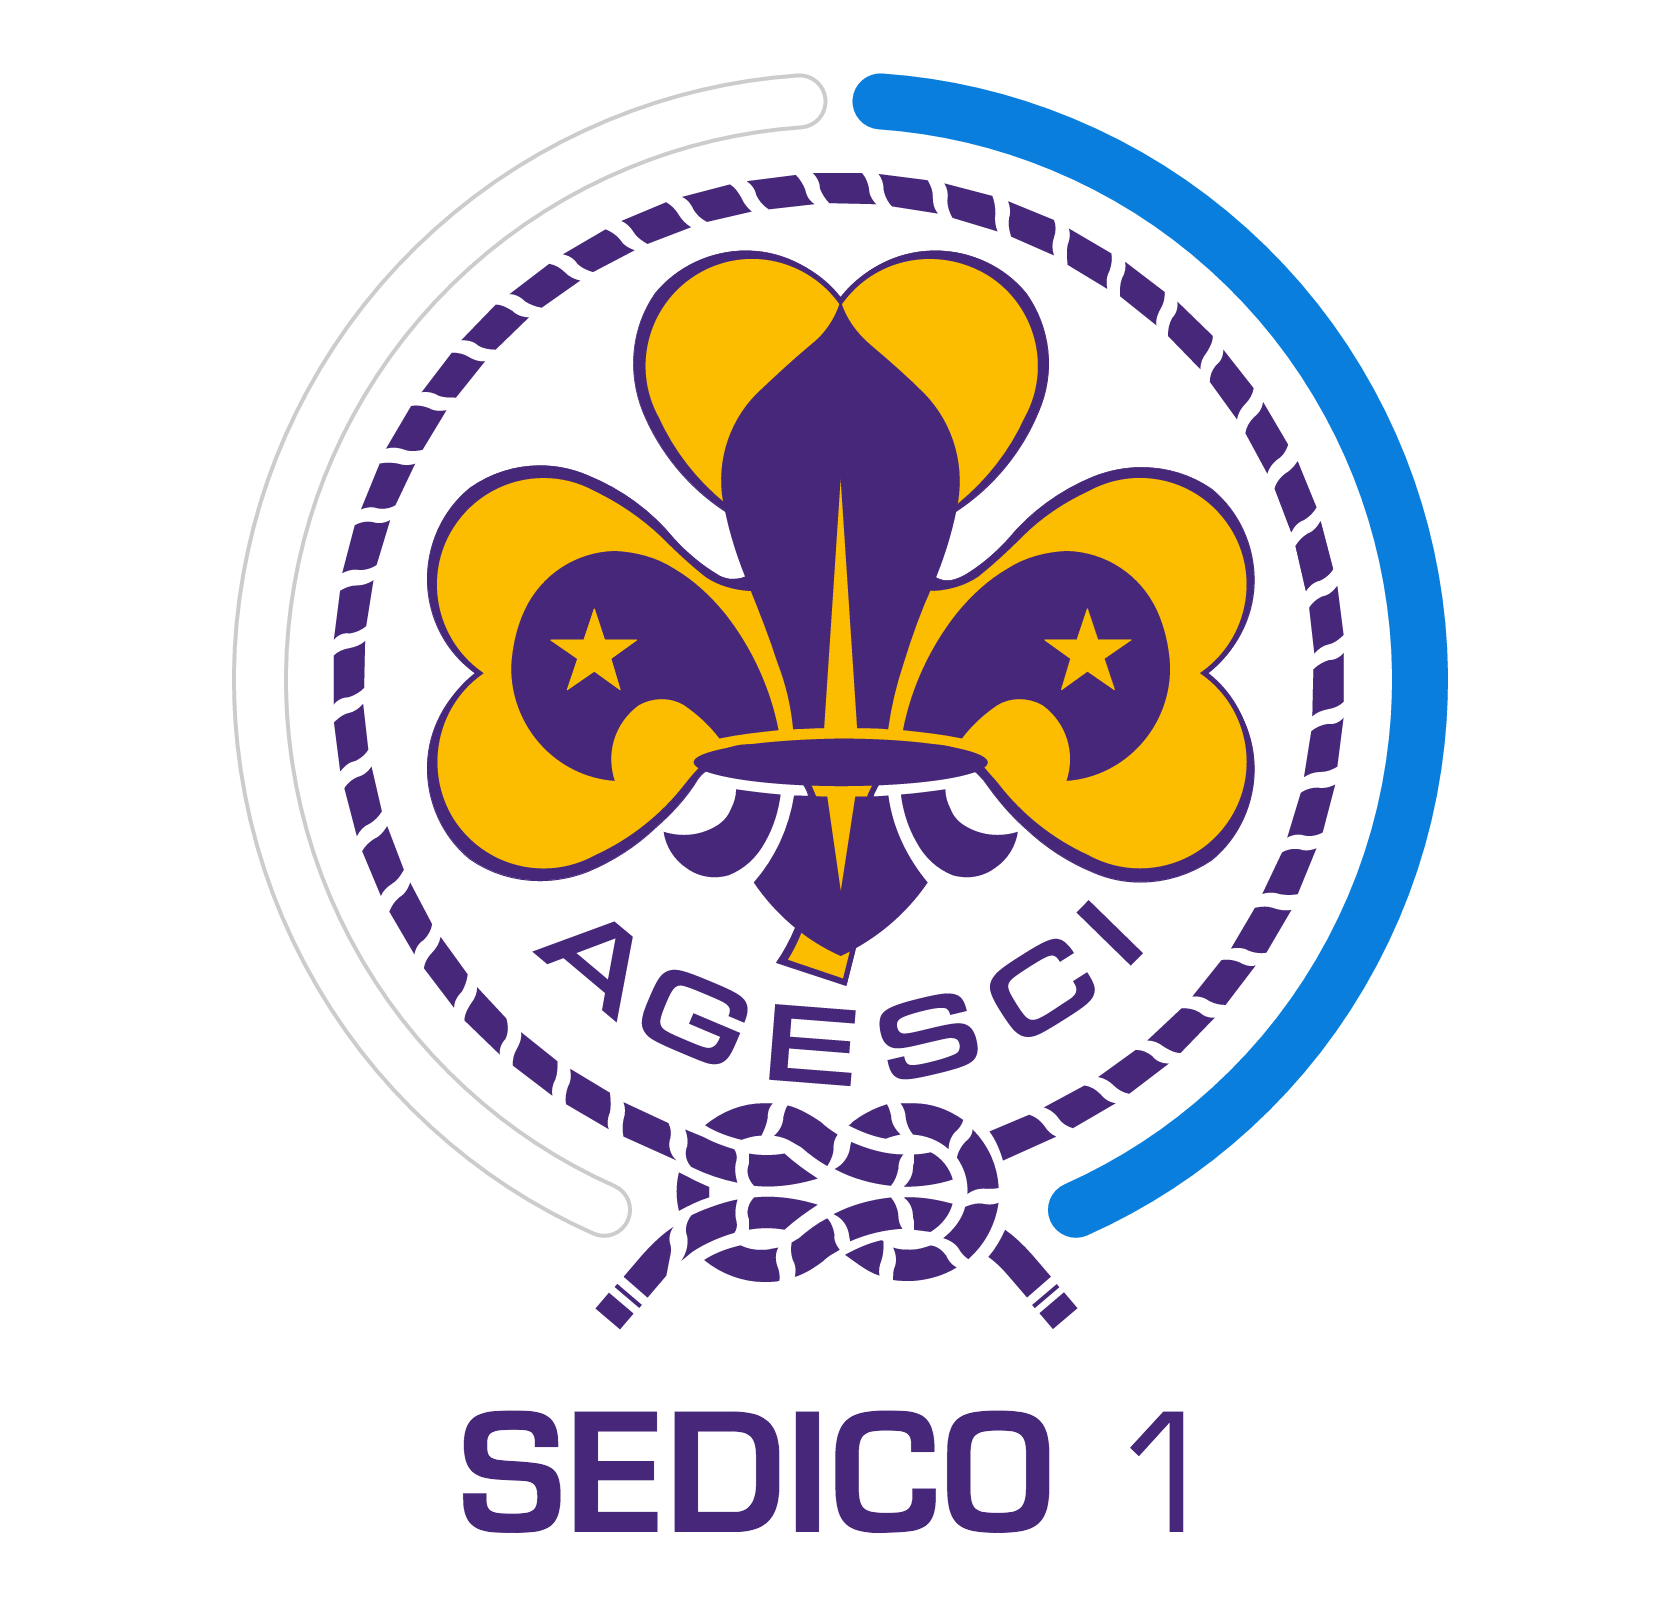 <h6><center>♣ Gruppo Scout Sedico 1 ♣</center></h6>